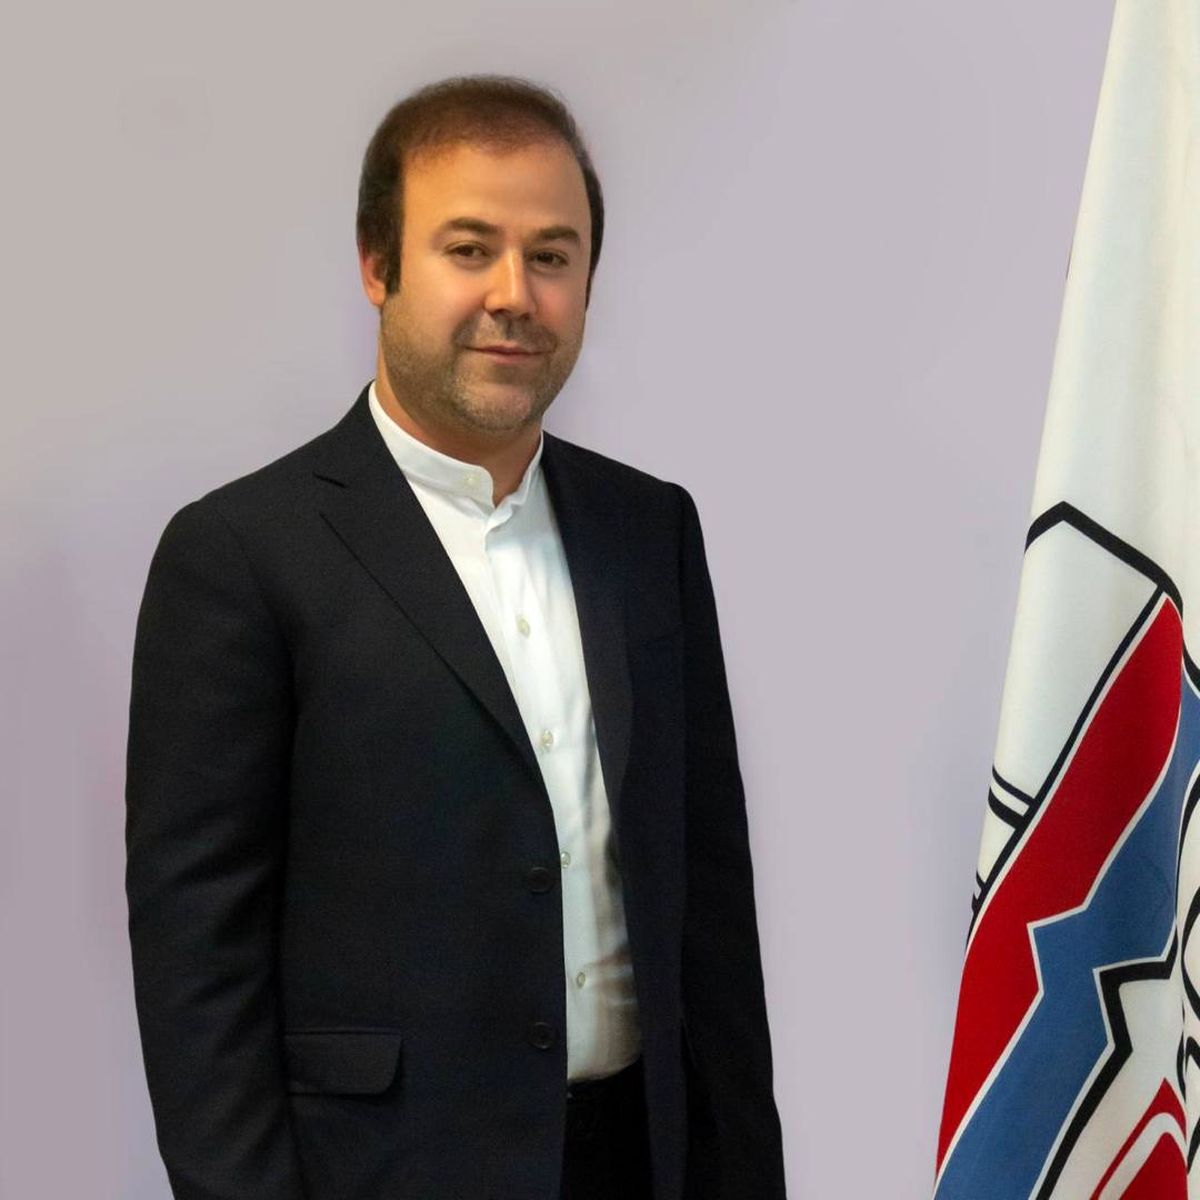 مدیر عامل فولاد هرمزگان روز ارتباطات و روابط عمومی را تبریک گفت